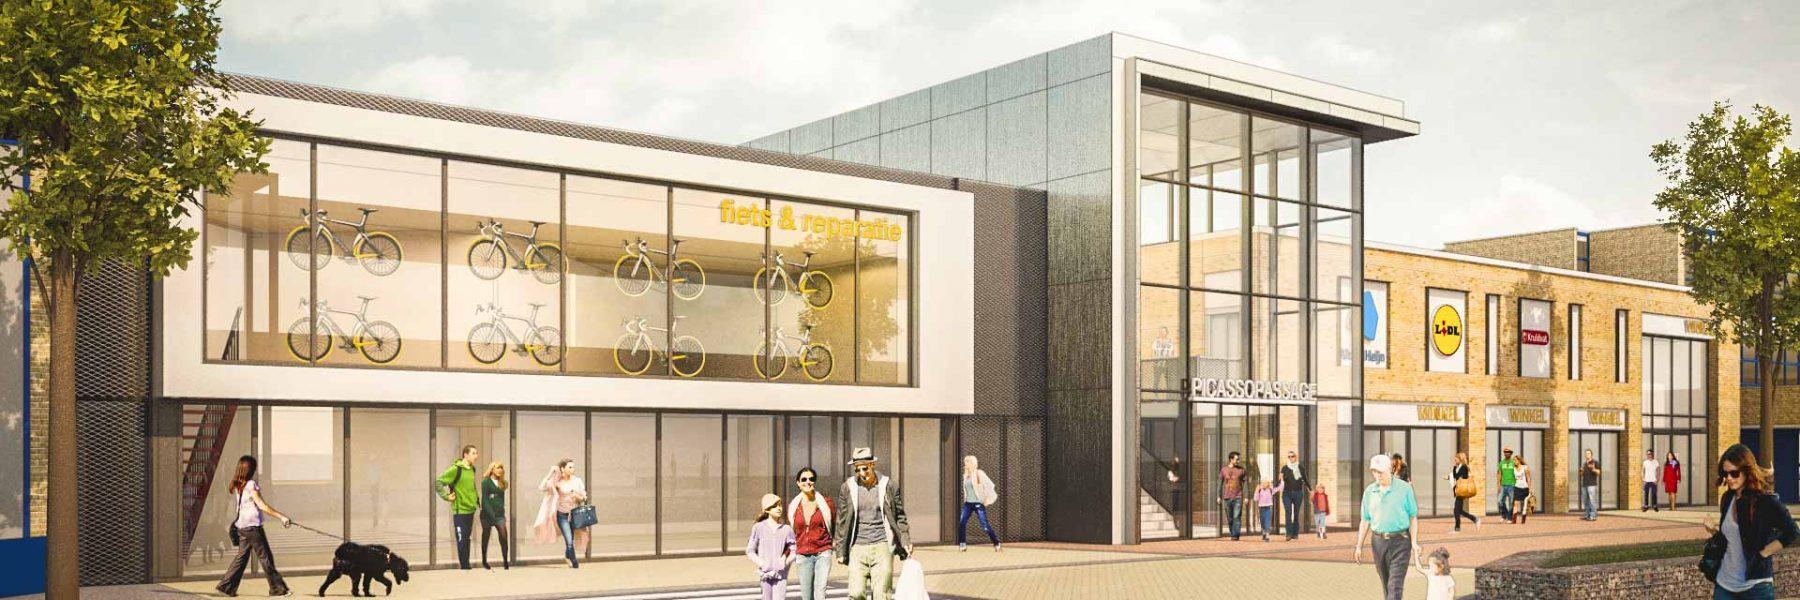 De Scholver Capelle a/d IJssel Netherlands Retail TconcepT